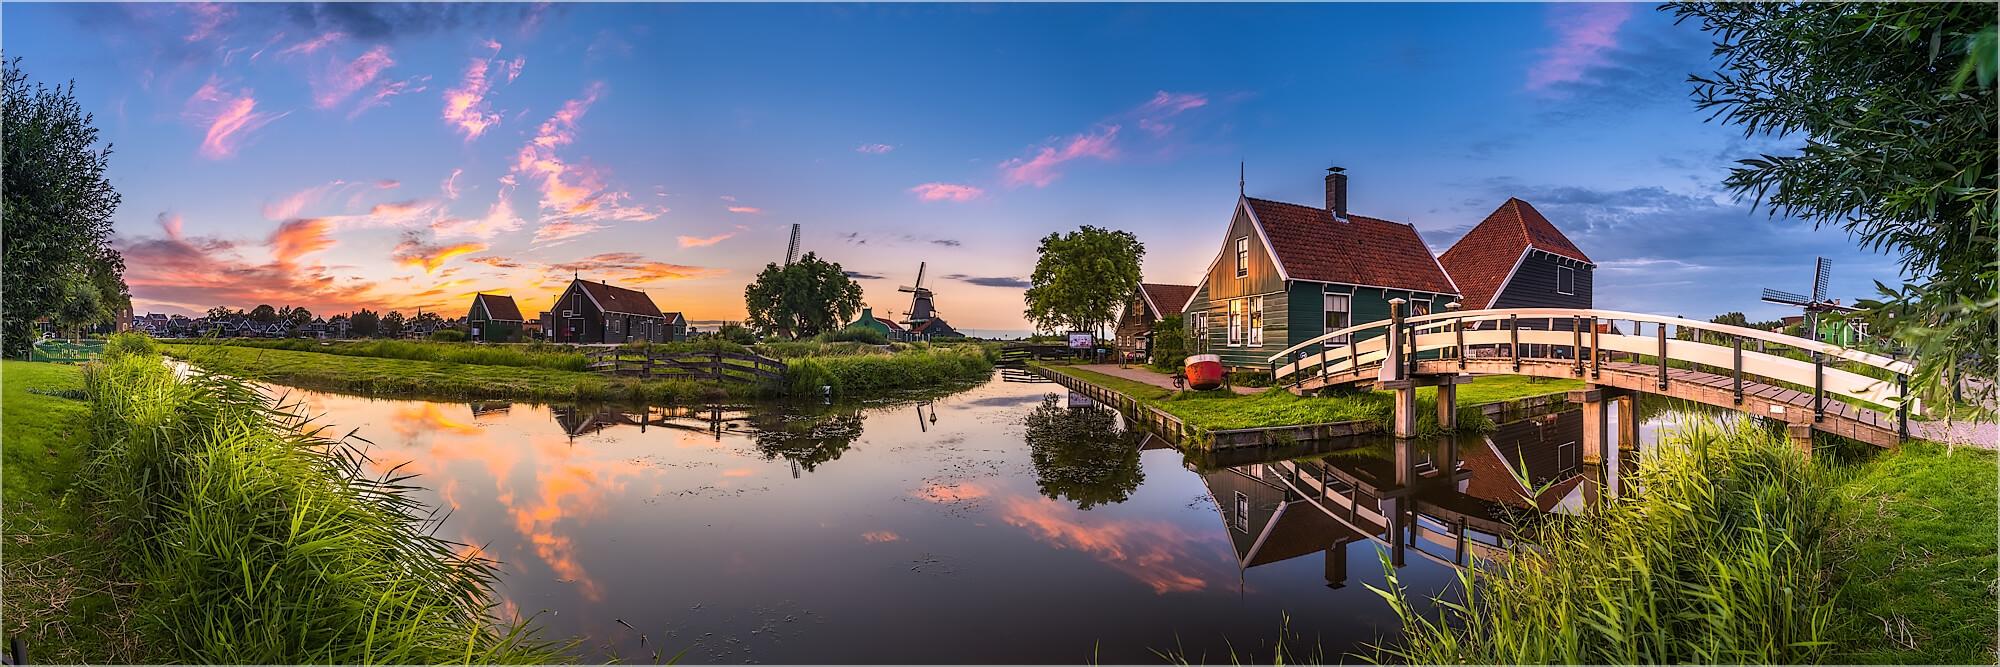 Panoramabild Sonnenuntergang in Zaanse Schans Holland